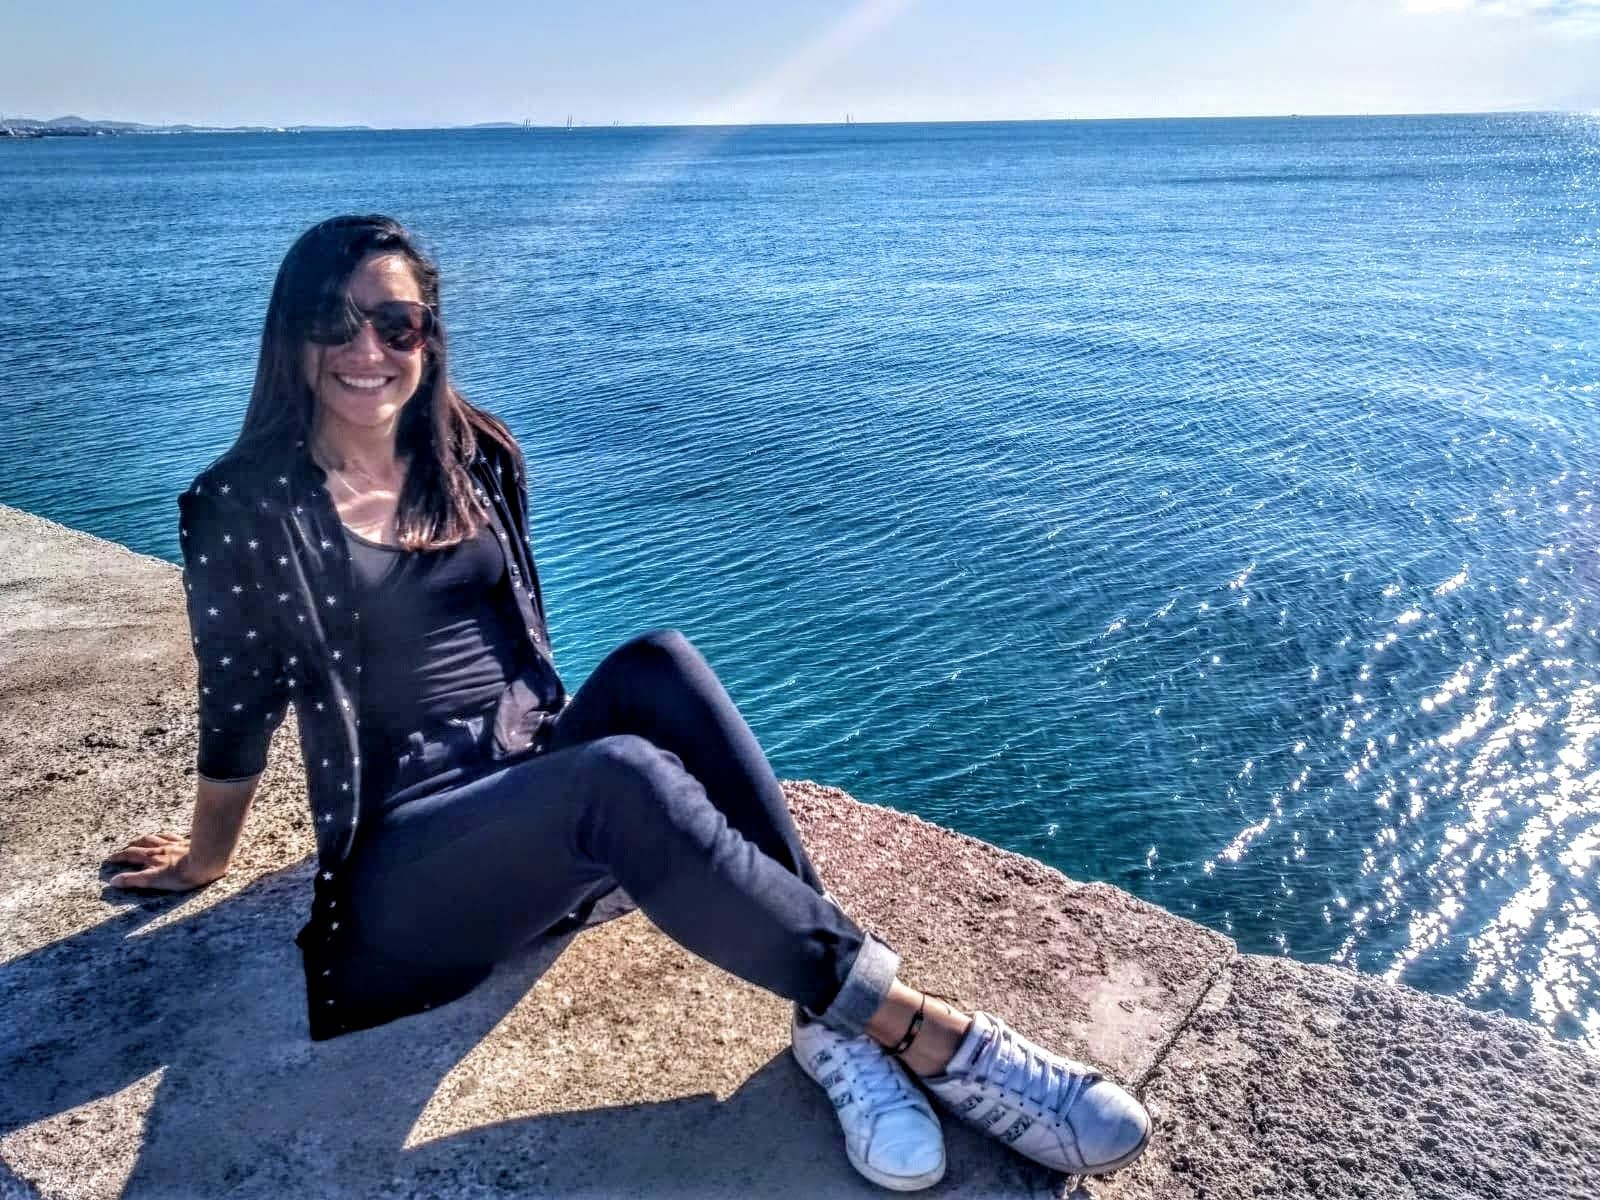 Carolina sentada a lado del mar Mediterráneo en Flisvos Marina , Athenas.  Esta no es una foto en bikini! Es una representación de su cambio de vida.  Su sonrisa y expresión relajada son muestra de su satisfacción por dedicar su vida a ayudar a las personas a vivir vidas más saludables.